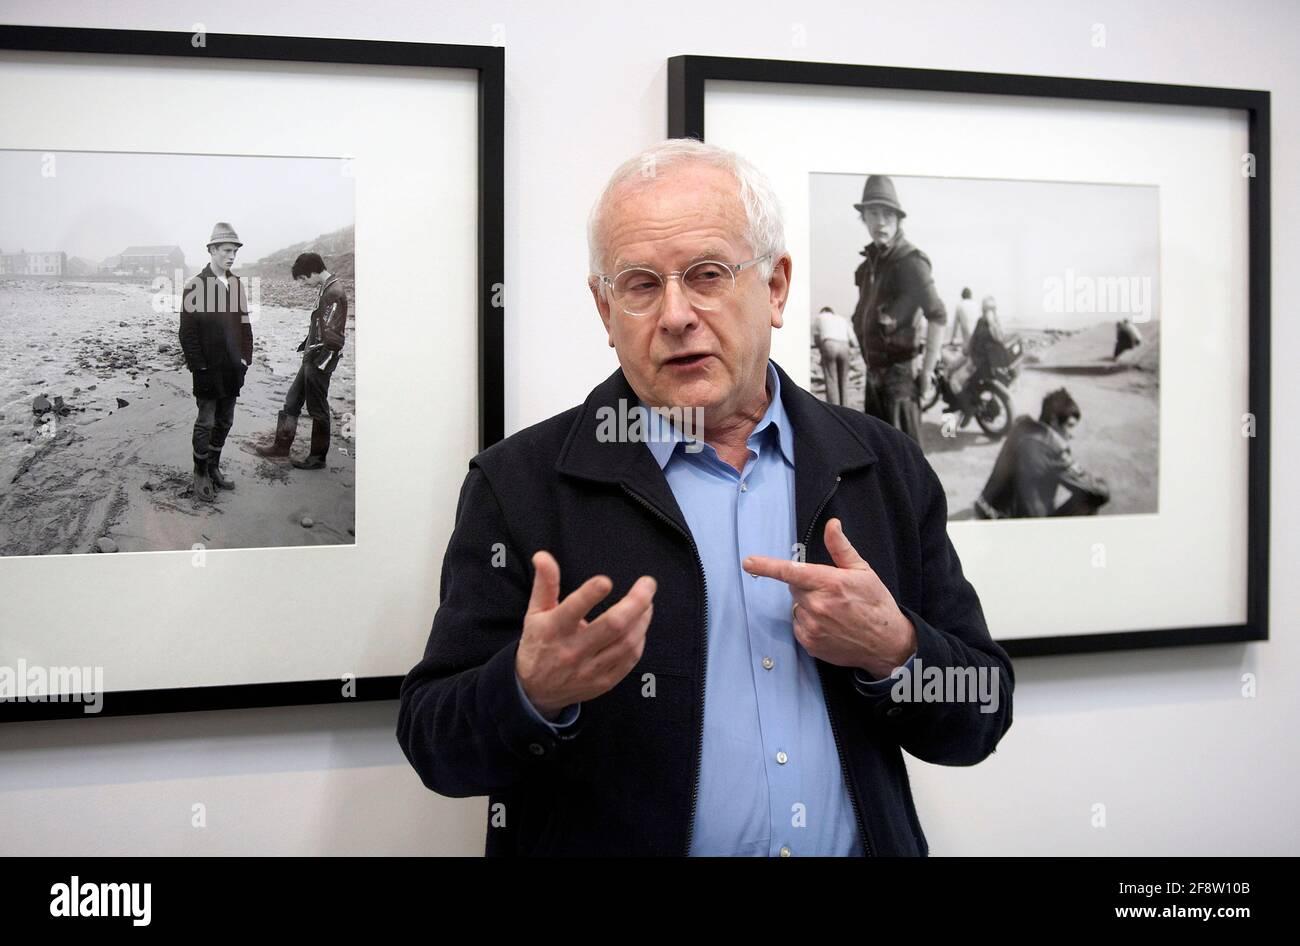 DEU, Deutschland, Essen, 03.02.2012: Der englische Fotograf Chris Killip erzählt vor zwei seiner Fotografien über seine Arbeit in einer Presseveransta Stock Photo